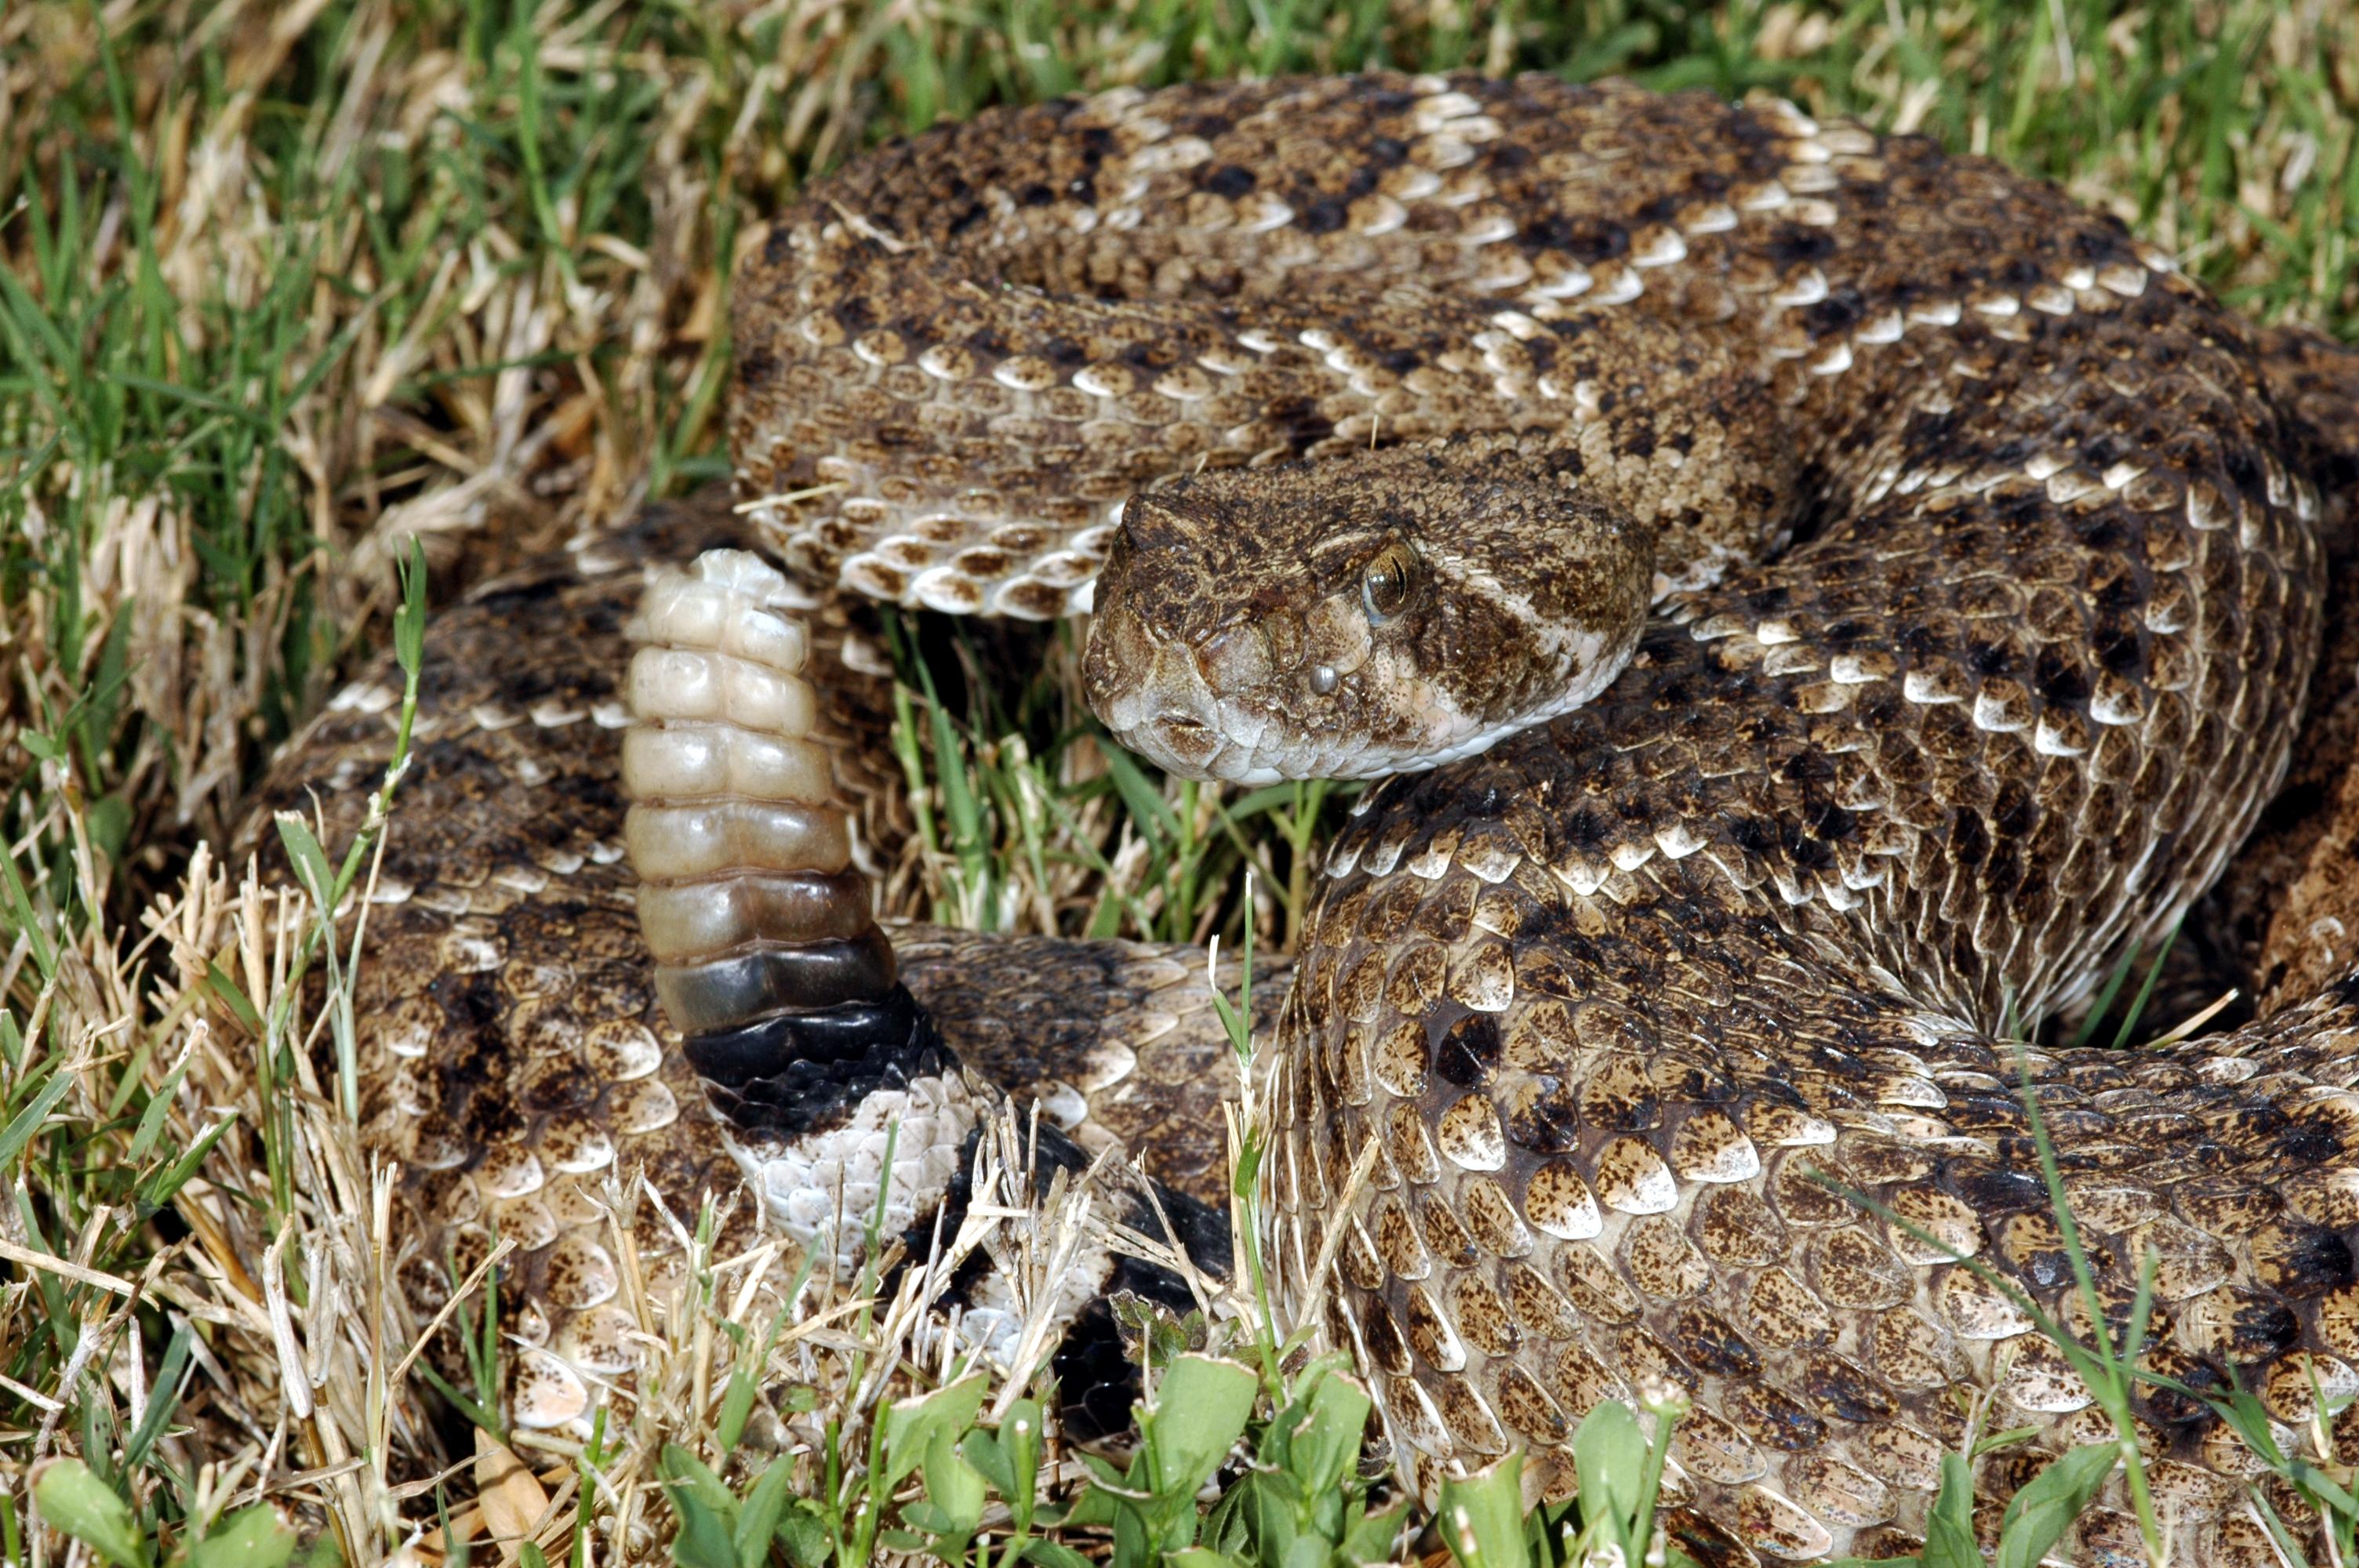 alimentacion de las serpientes wikipedia